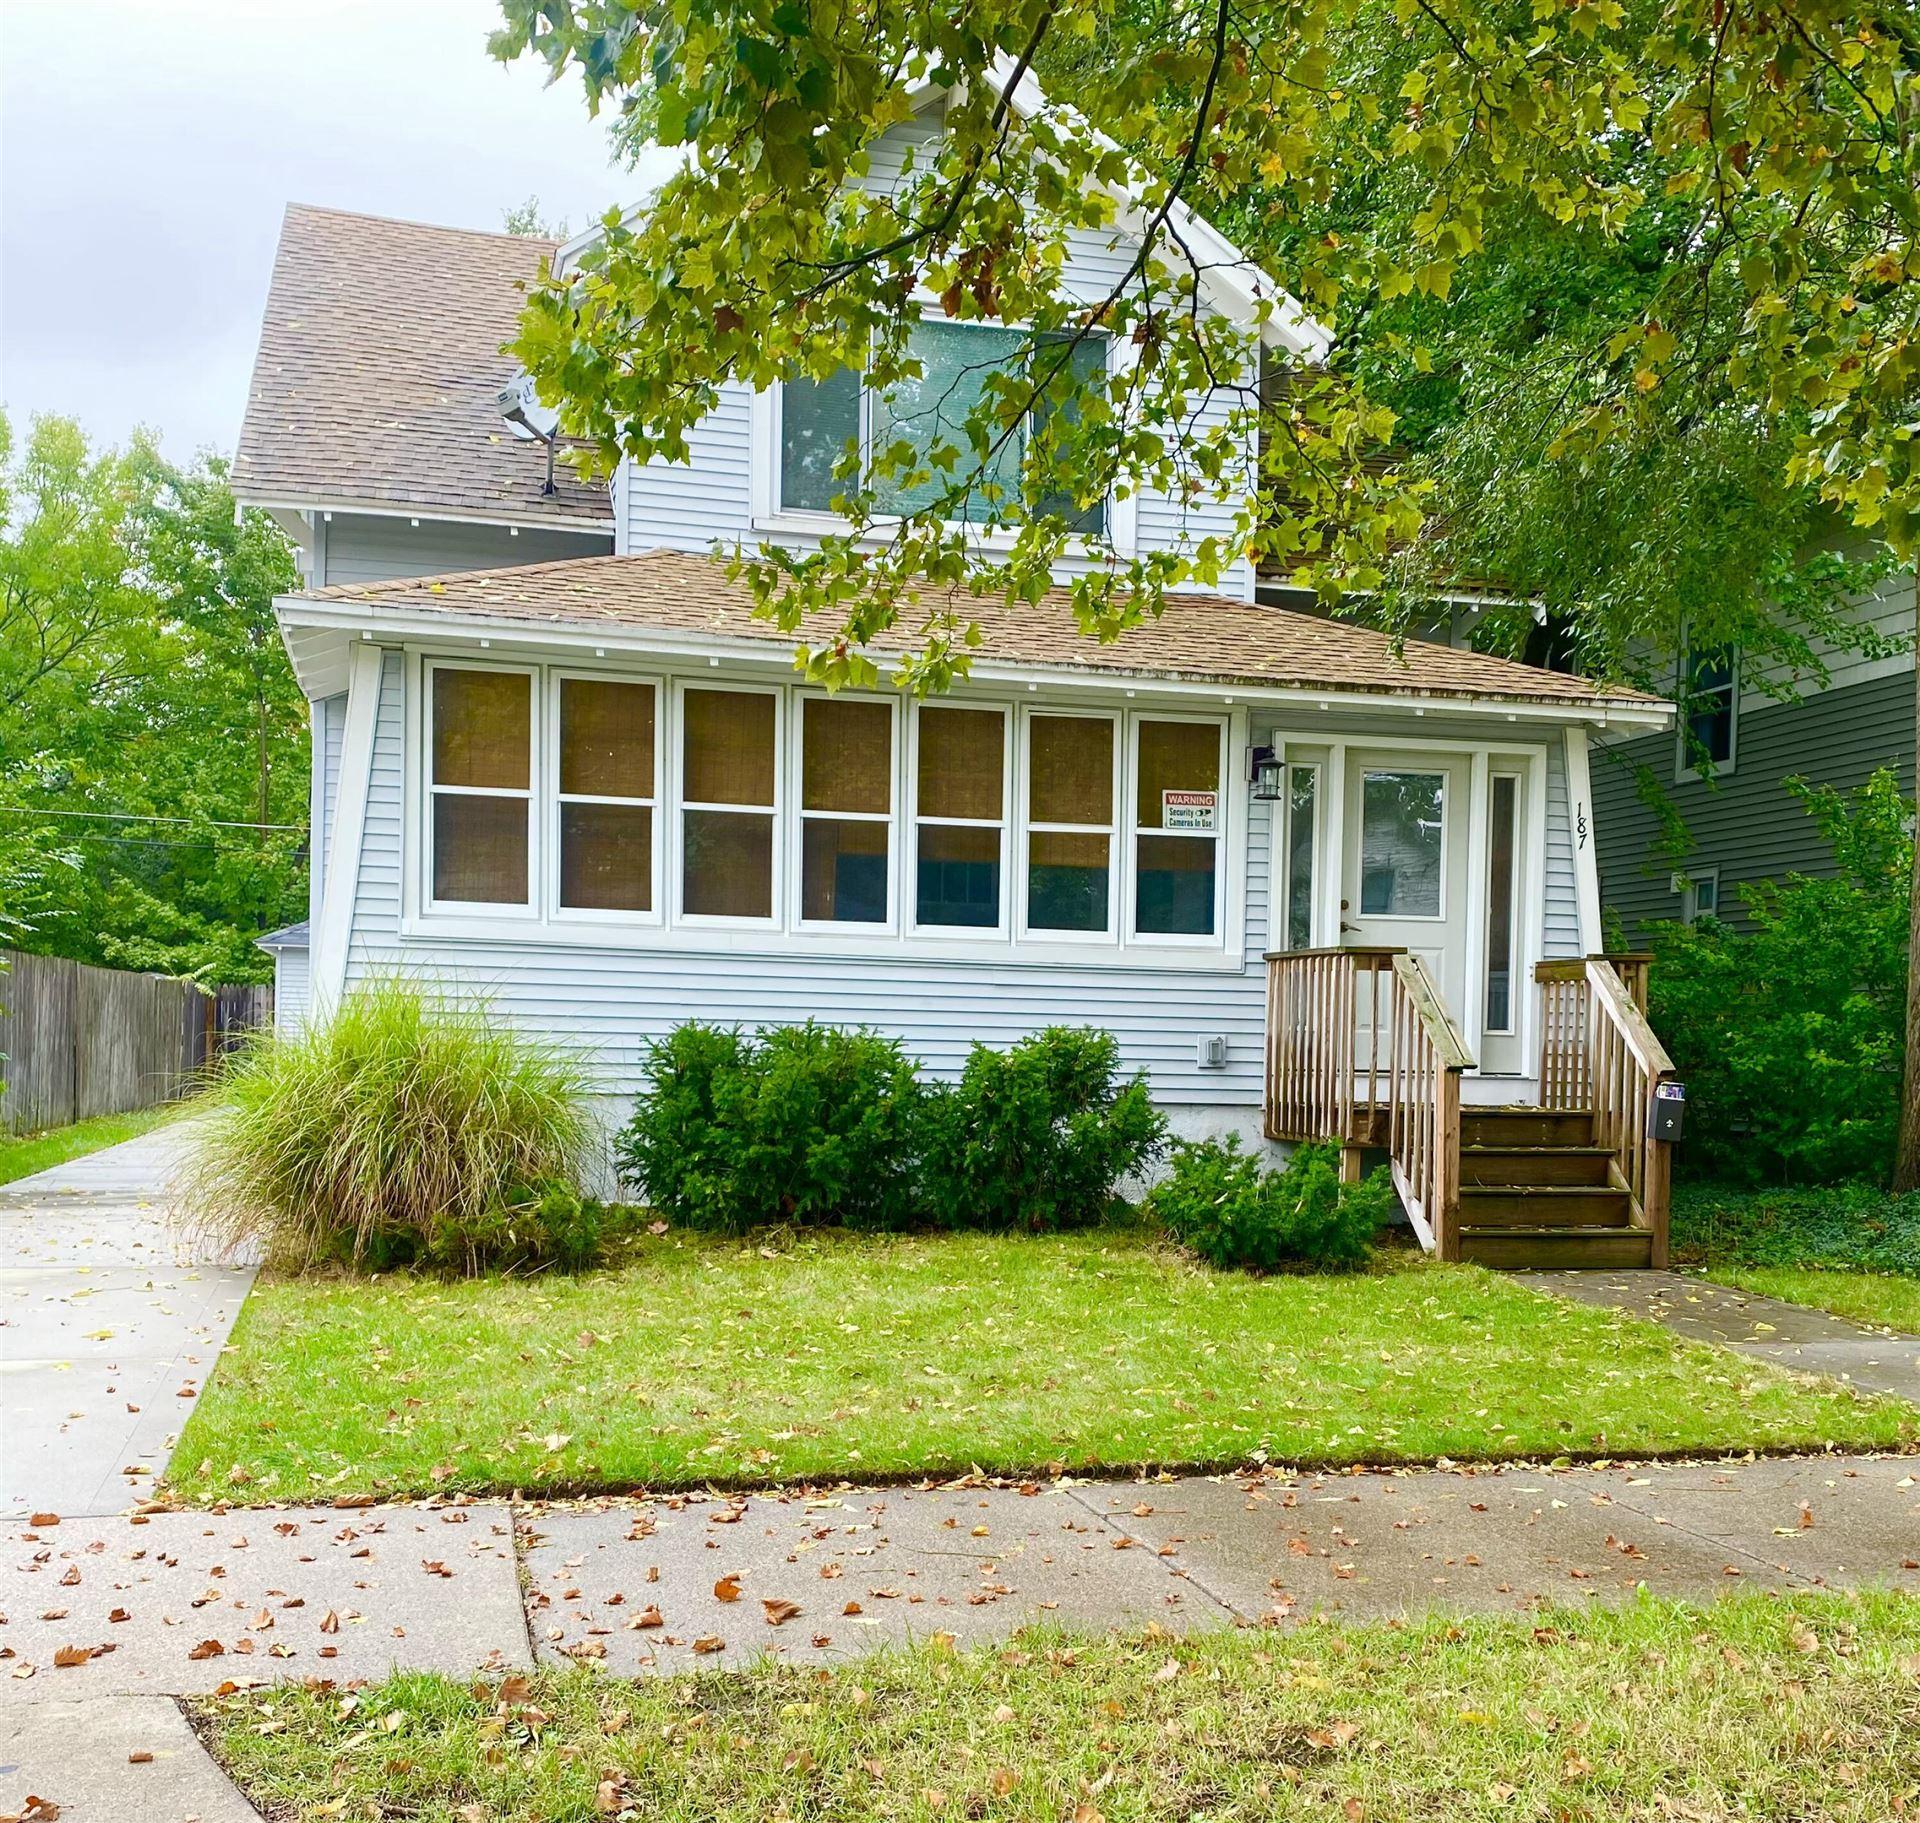 Photo of 187 W 16th Street, Holland, MI 49423 (MLS # 21109836)